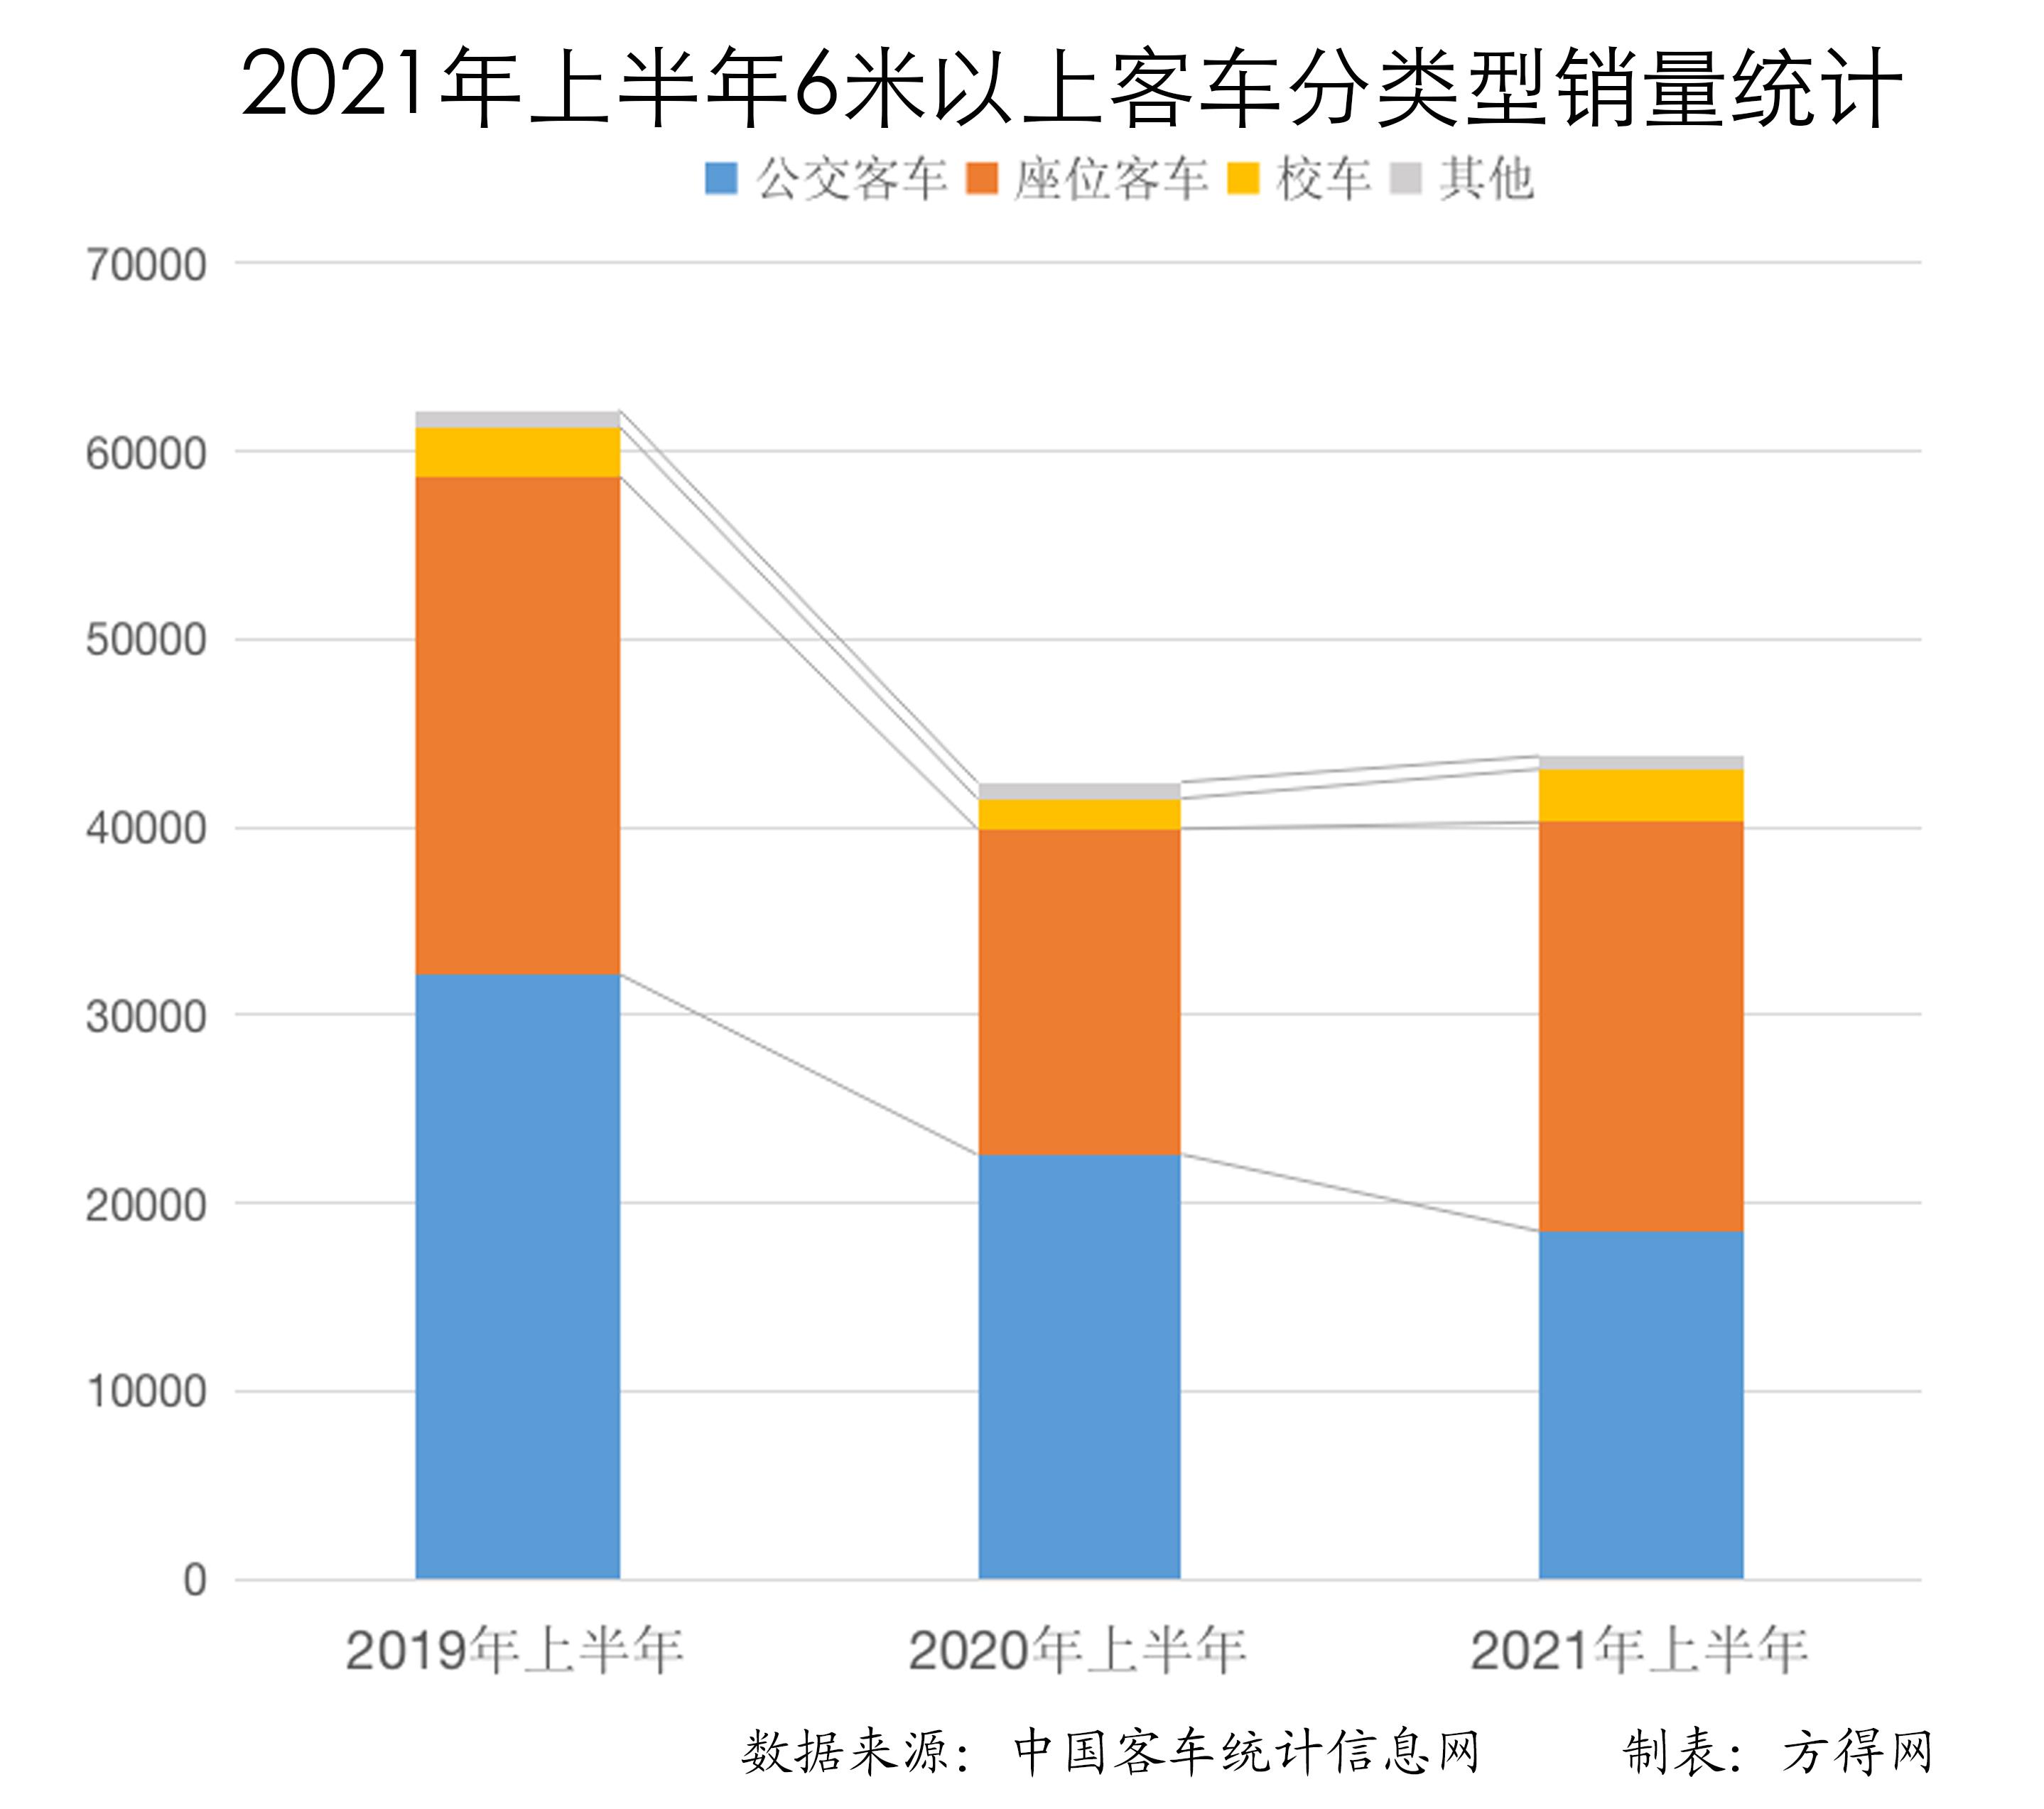 座位反超公交 校车大增75% 图表分析客车市场两大变化